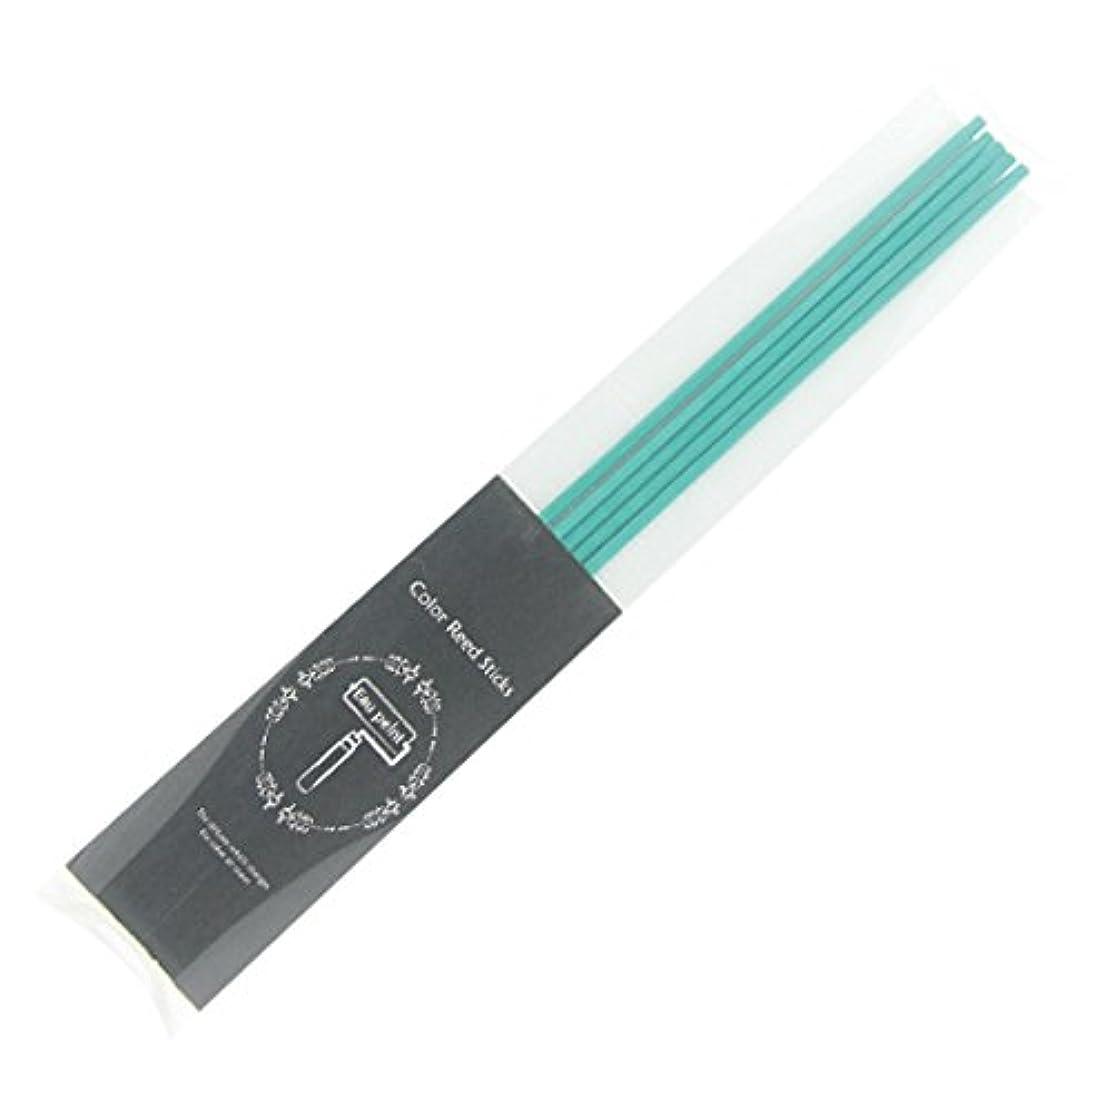 責任クリケット言い換えるとEau peint mais+ カラースティック リードディフューザー用スティック 5本入 ターコイズ Turquoise オーペイント マイス